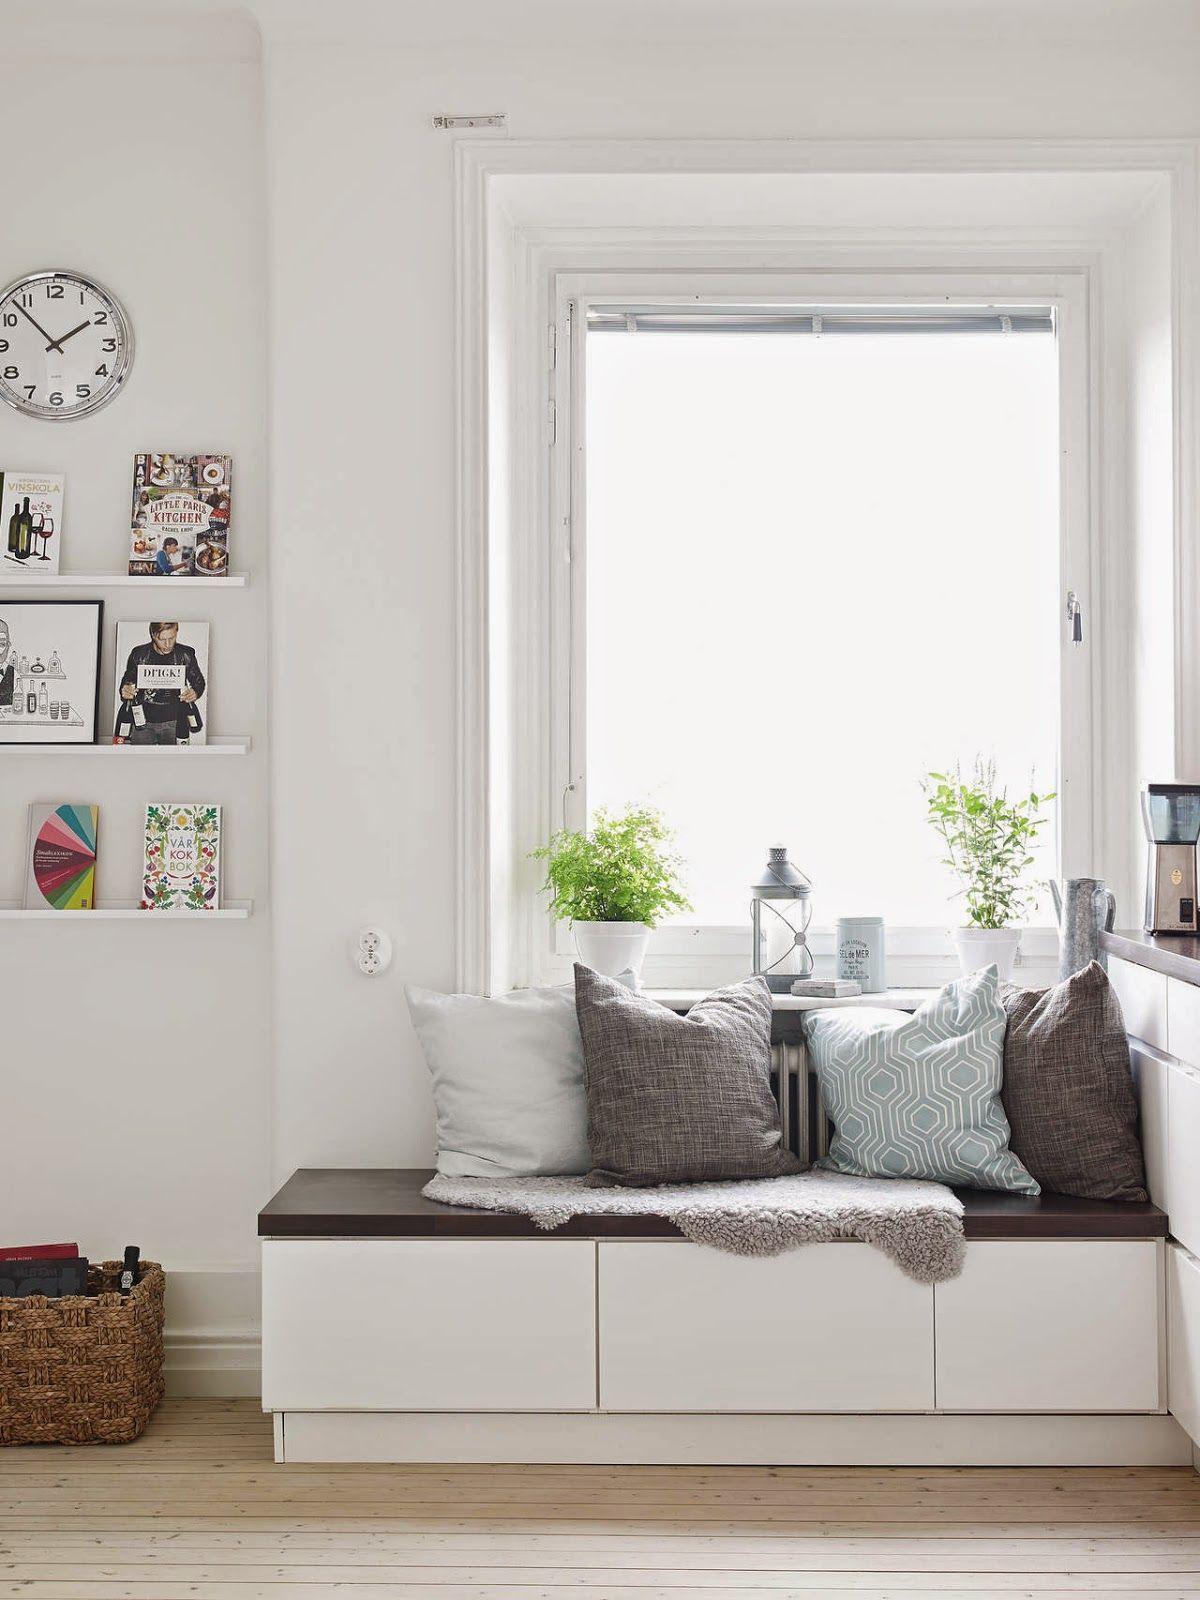 Banco con almacenaje bajo ventana | Asiento bajo ventana | Pinterest ...